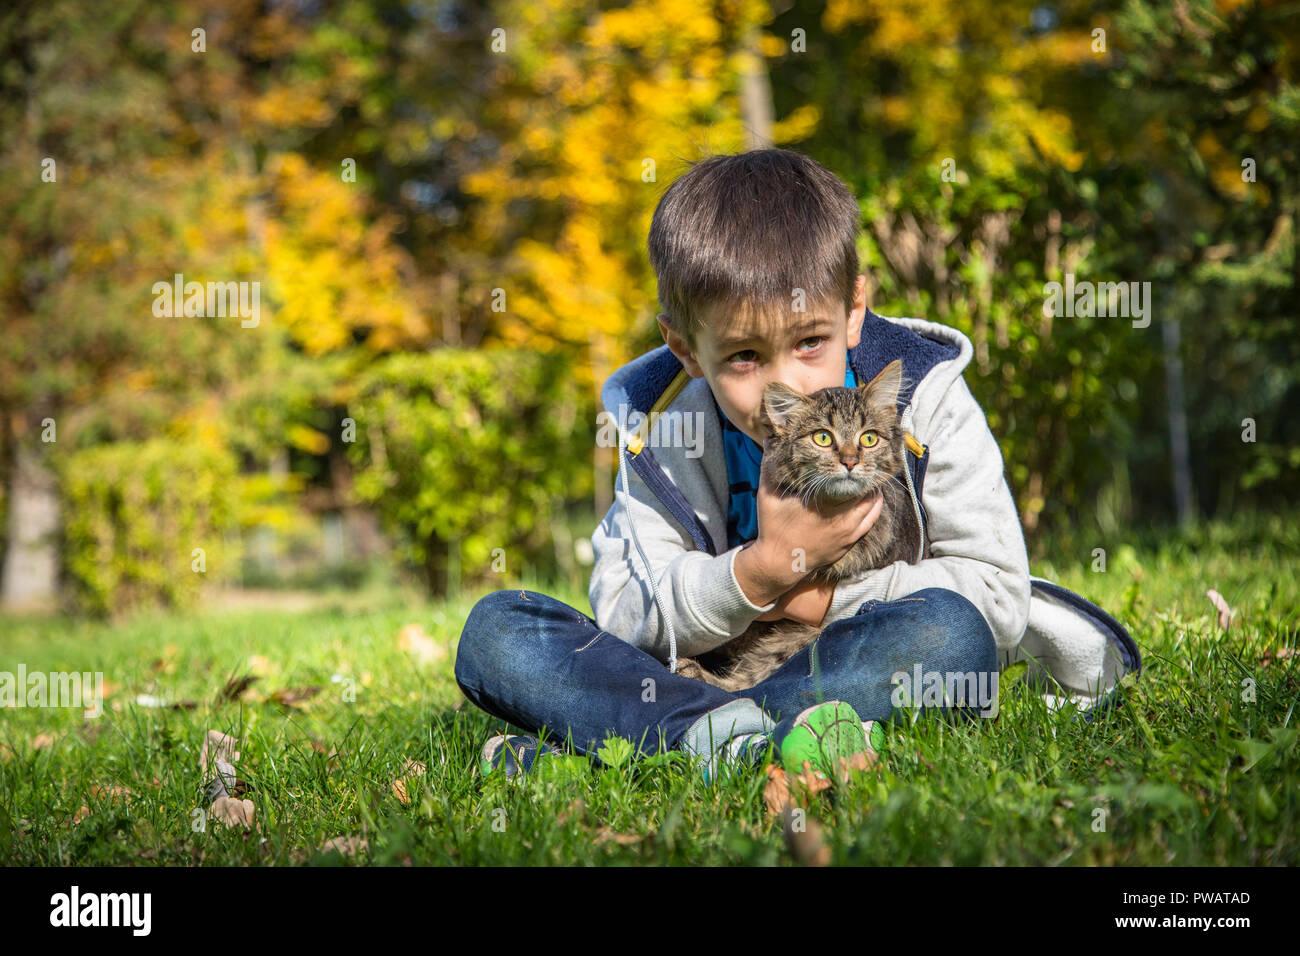 Feliz chico en el parque de otoño con pet gatito. Foto de stock